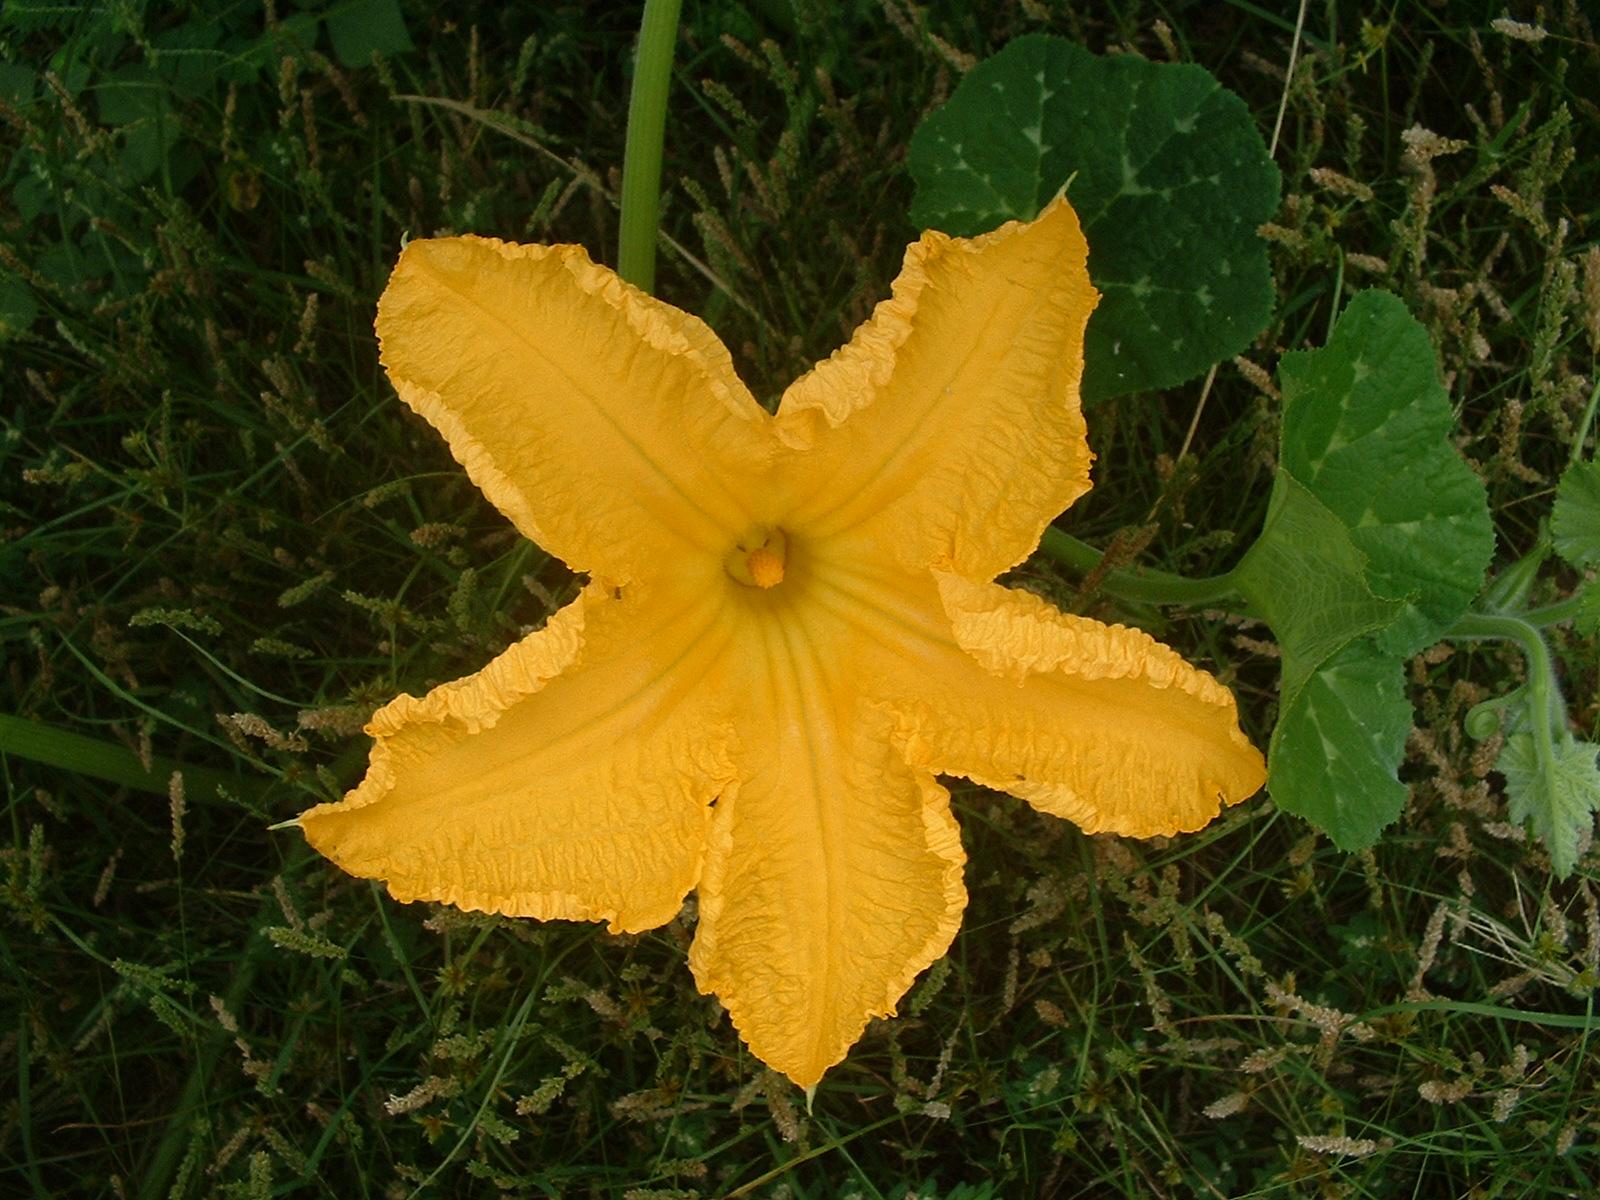 http://3.bp.blogspot.com/-kkh2tpHNe_E/TiG6cKvH52I/AAAAAAAAAW8/BXTx9wKnUbA/s1600/Pumpkin-Flower%2B-%2BInspirU-Coocoo.JPG